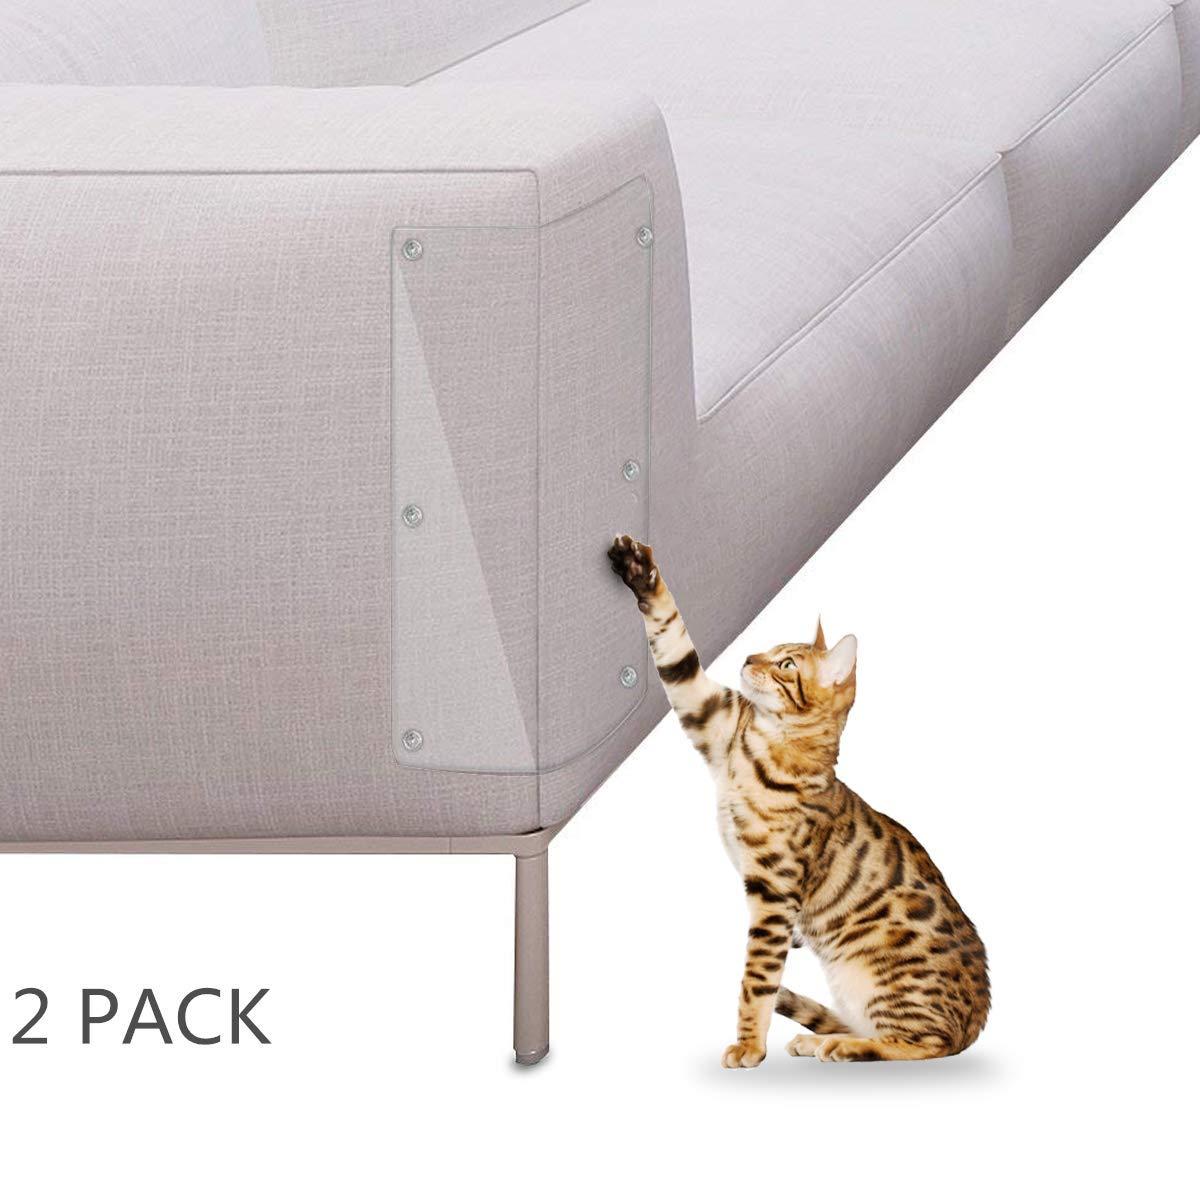 Petyoung Protector de Arañazos para Gatos tapizado para Muebles, 2 Protectores de Vinilo Transparentes, Amor a Tus Muebles y a tu Gato.